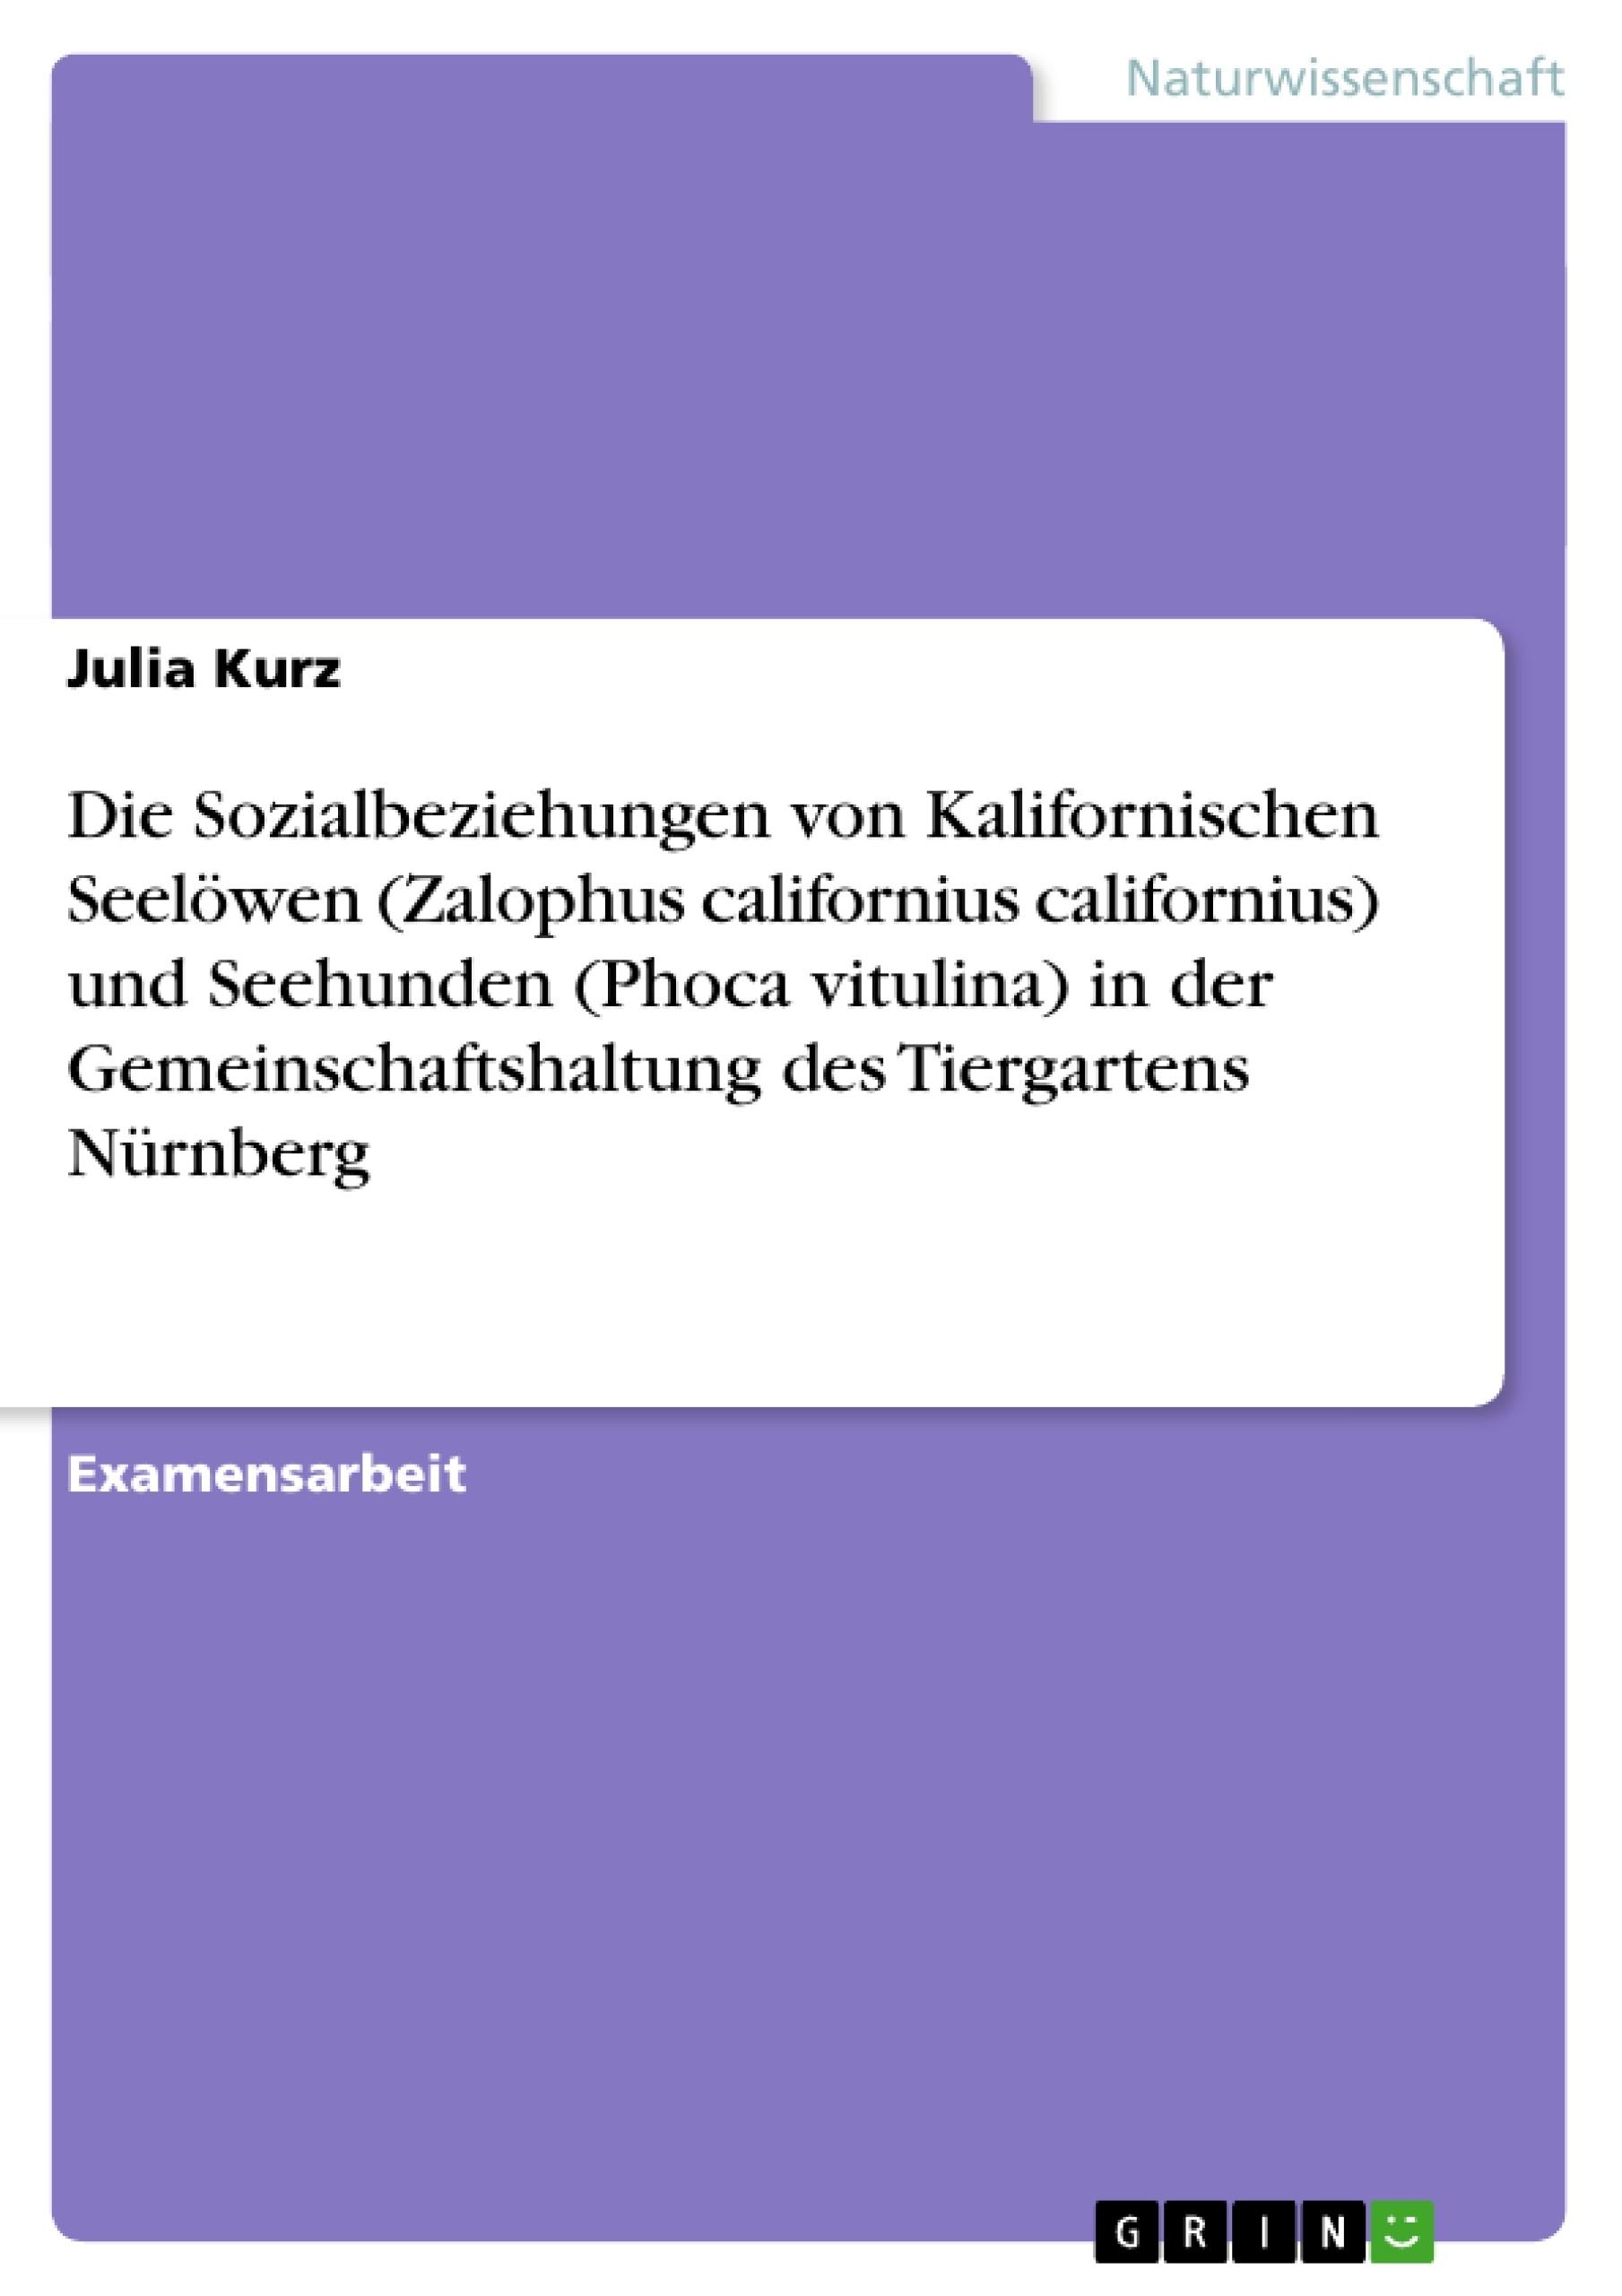 Titel: Die Sozialbeziehungen von Kalifornischen Seelöwen (Zalophus californius californius) und Seehunden (Phoca vitulina) in der Gemeinschaftshaltung des Tiergartens Nürnberg